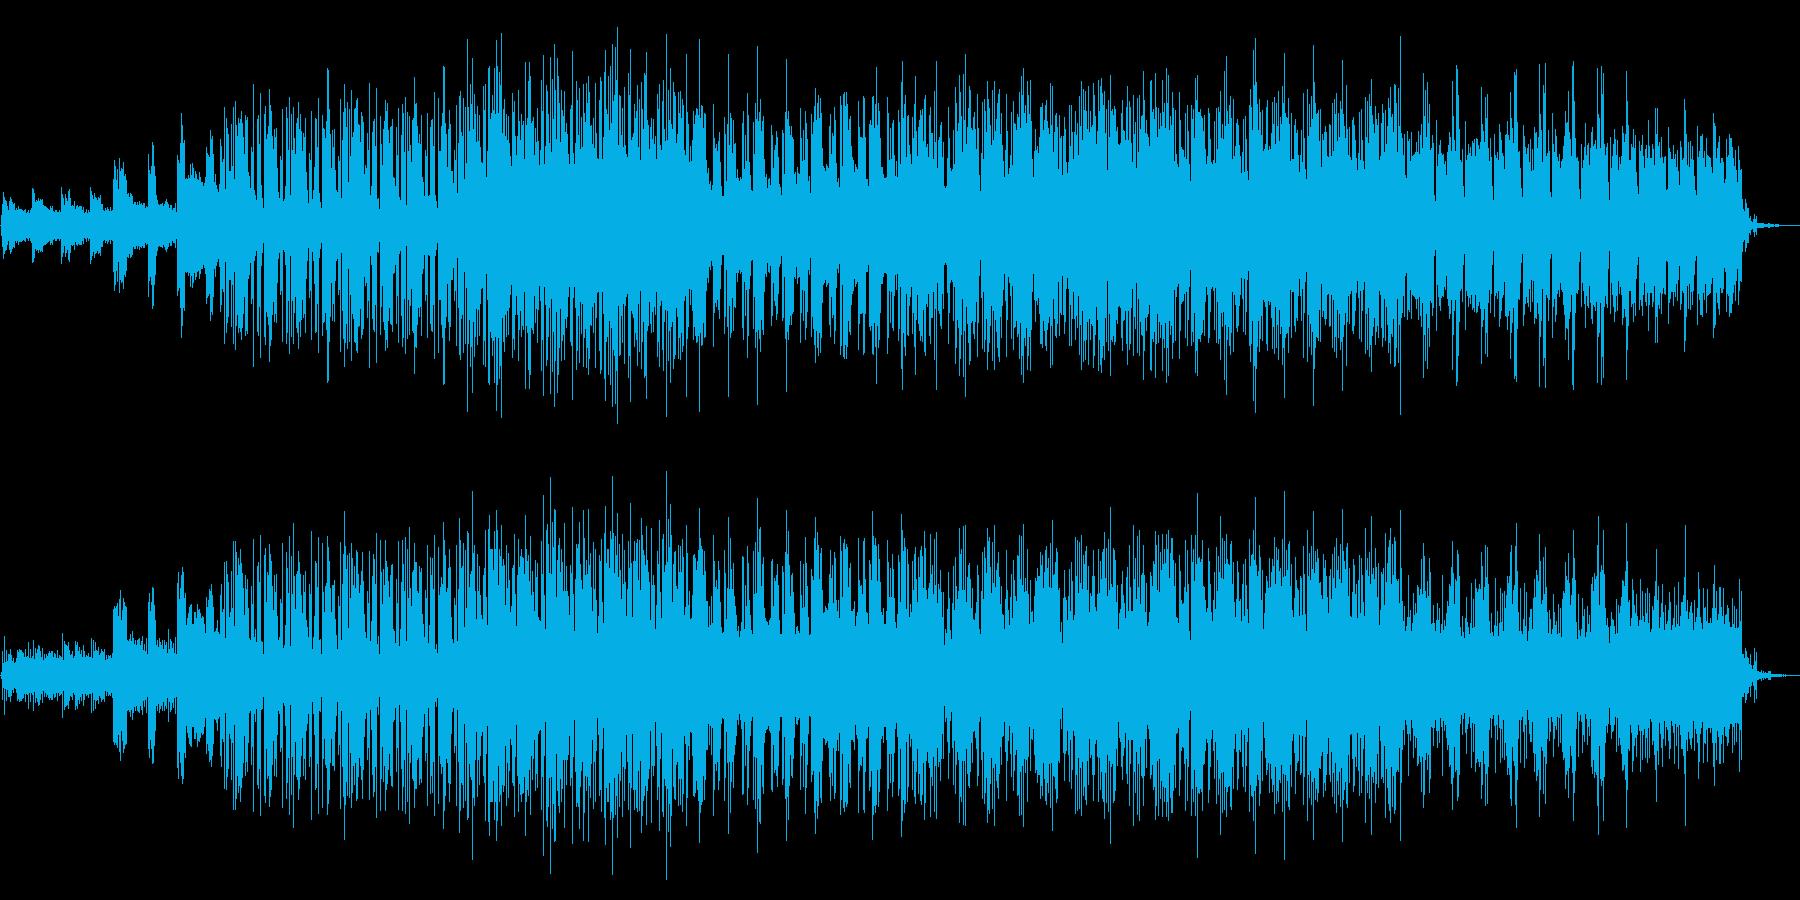 クールな雰囲気のエレクトロニック音楽の再生済みの波形